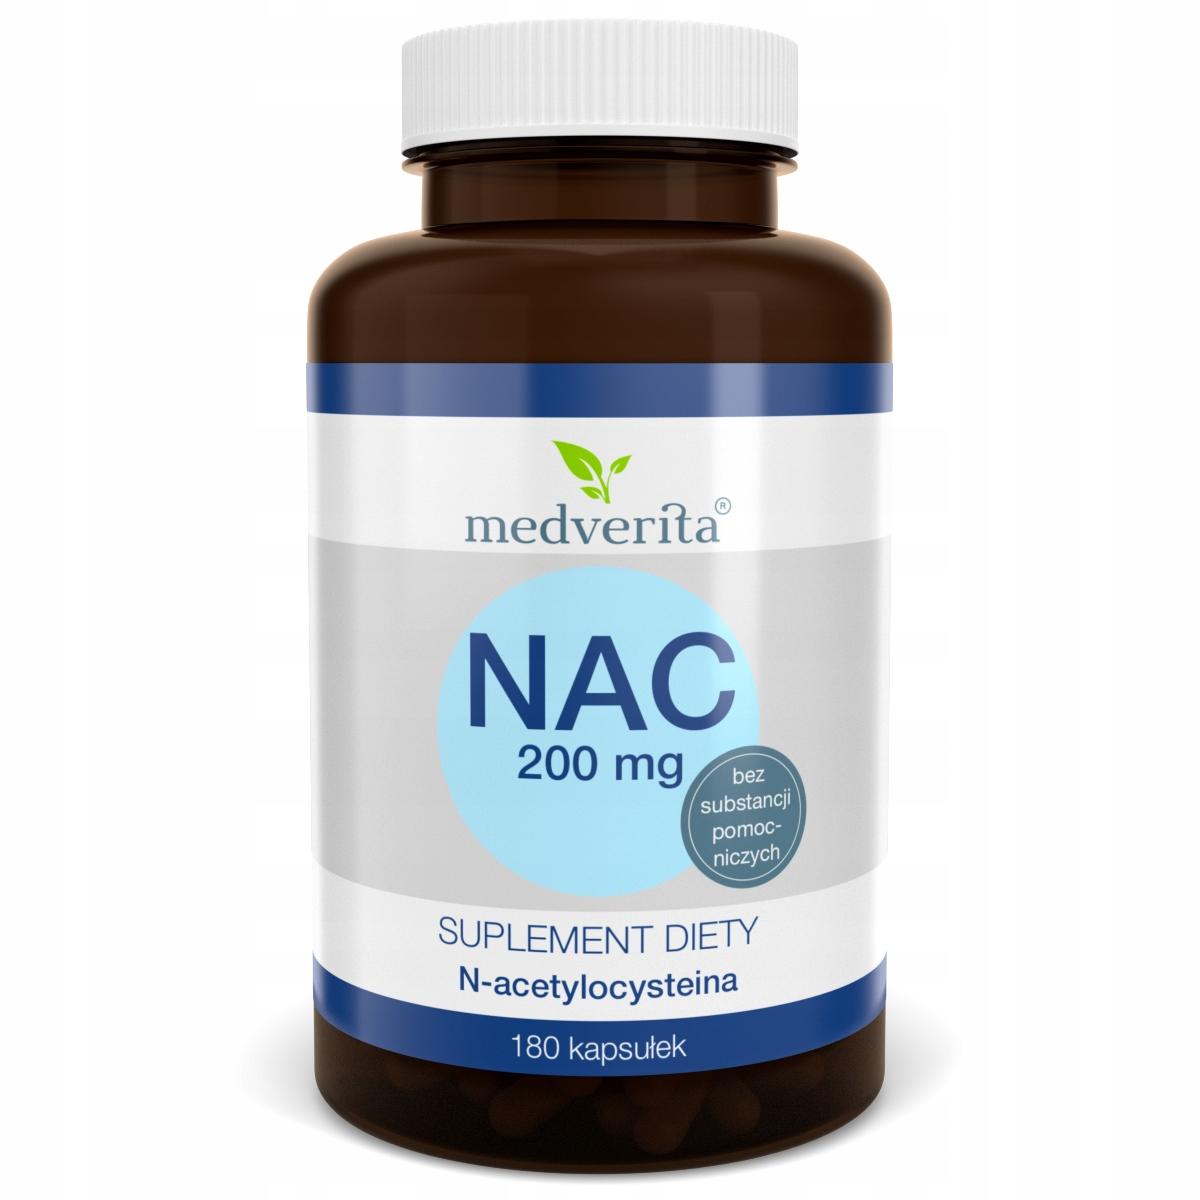 NAC 200 mg N-acetylo L-cysteina - 180 kapsułek